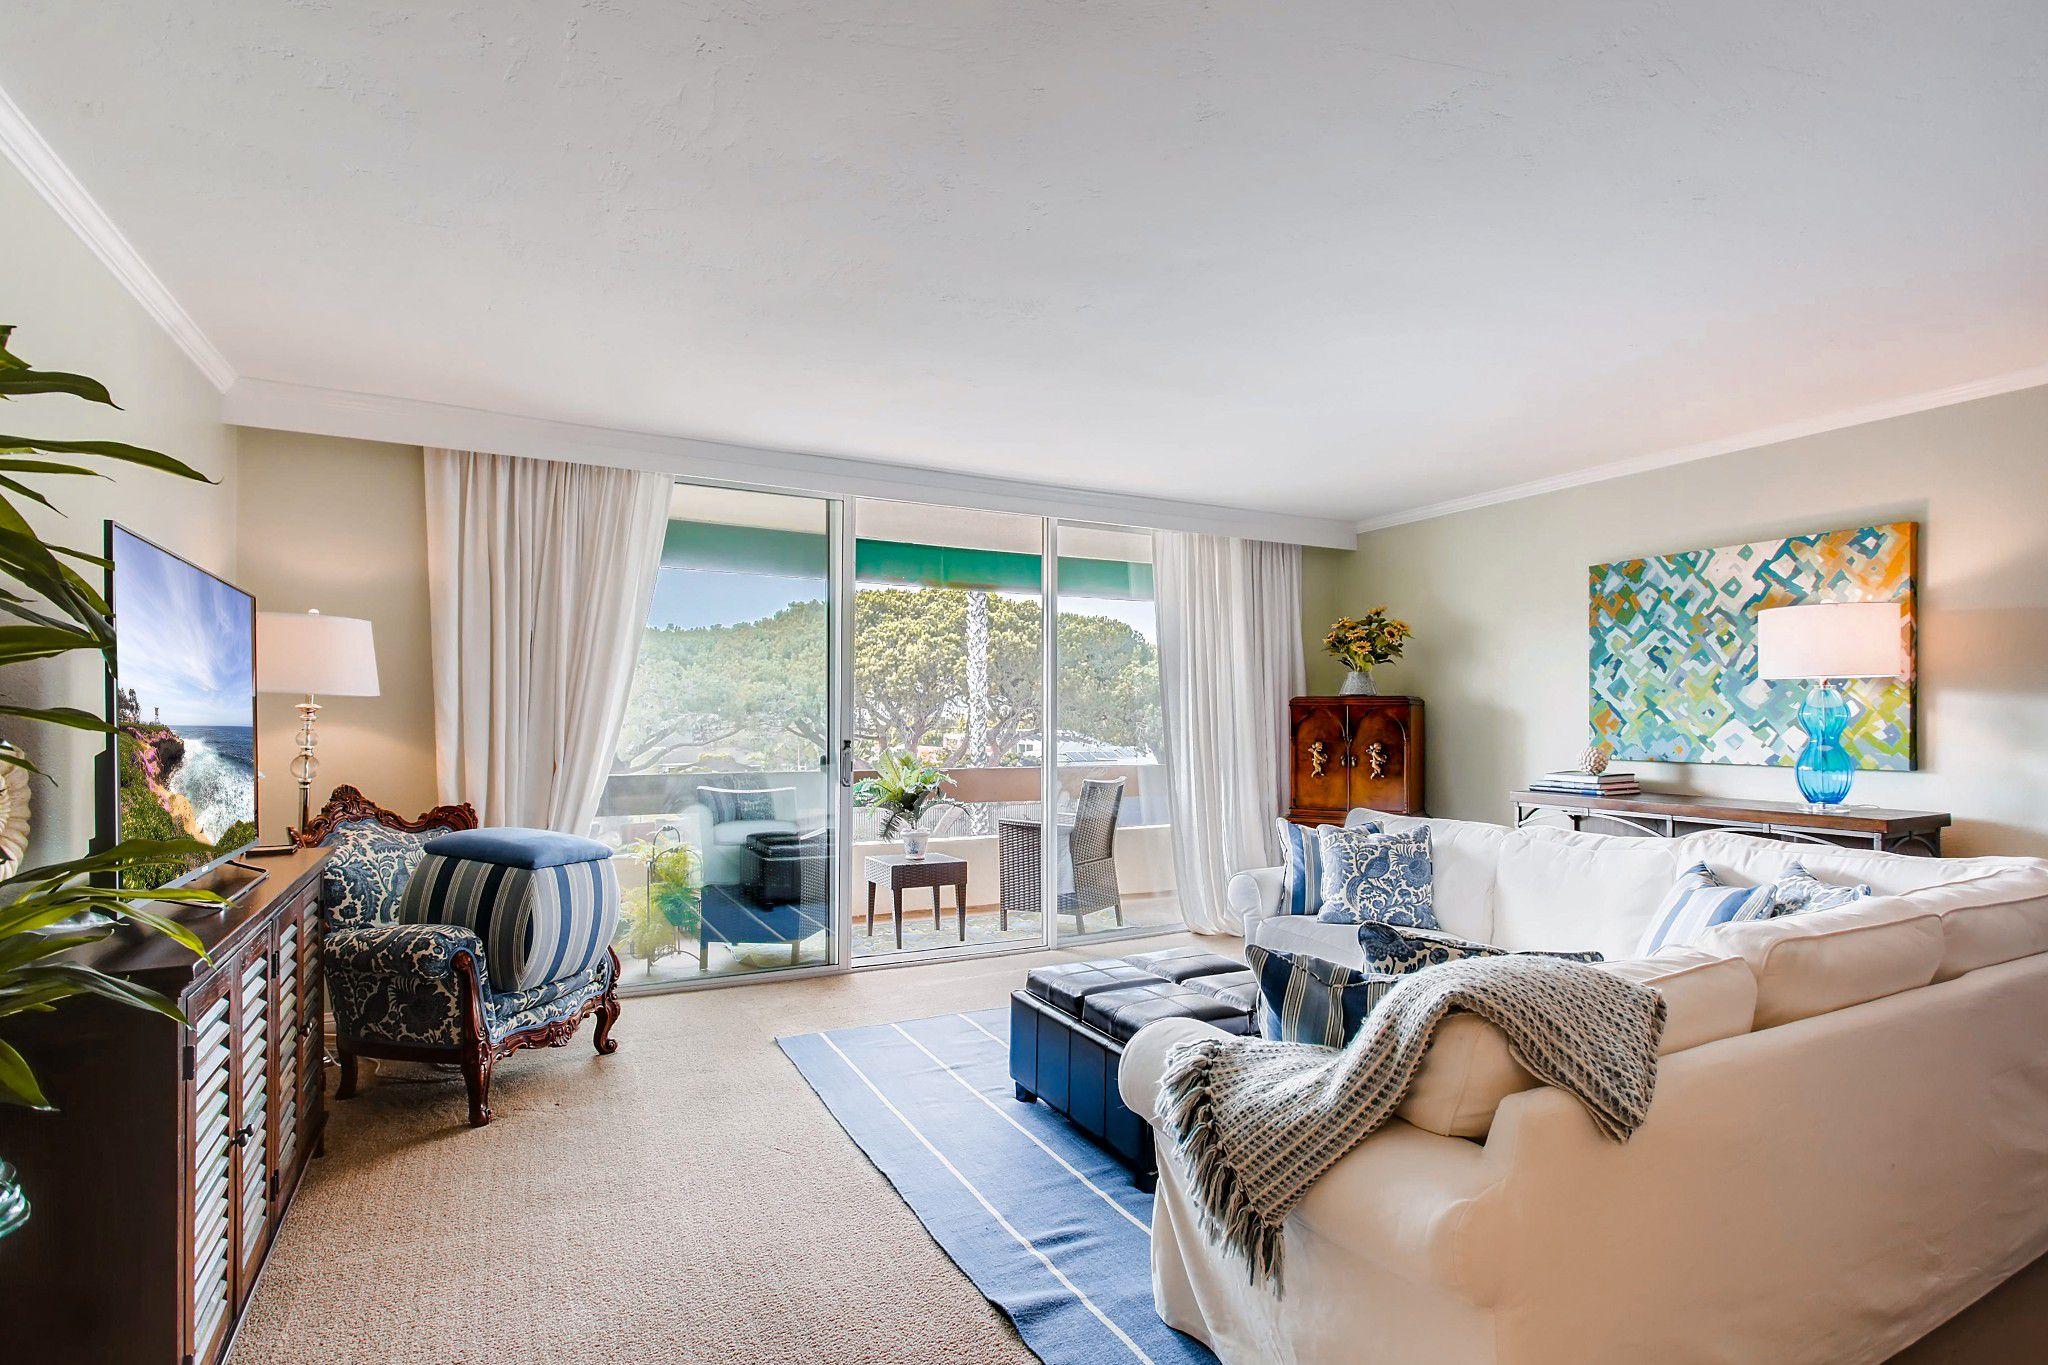 Main Photo: Condo for sale : 2 bedrooms : 6333 La Jolla Blvd Unit 277 in La Jolla